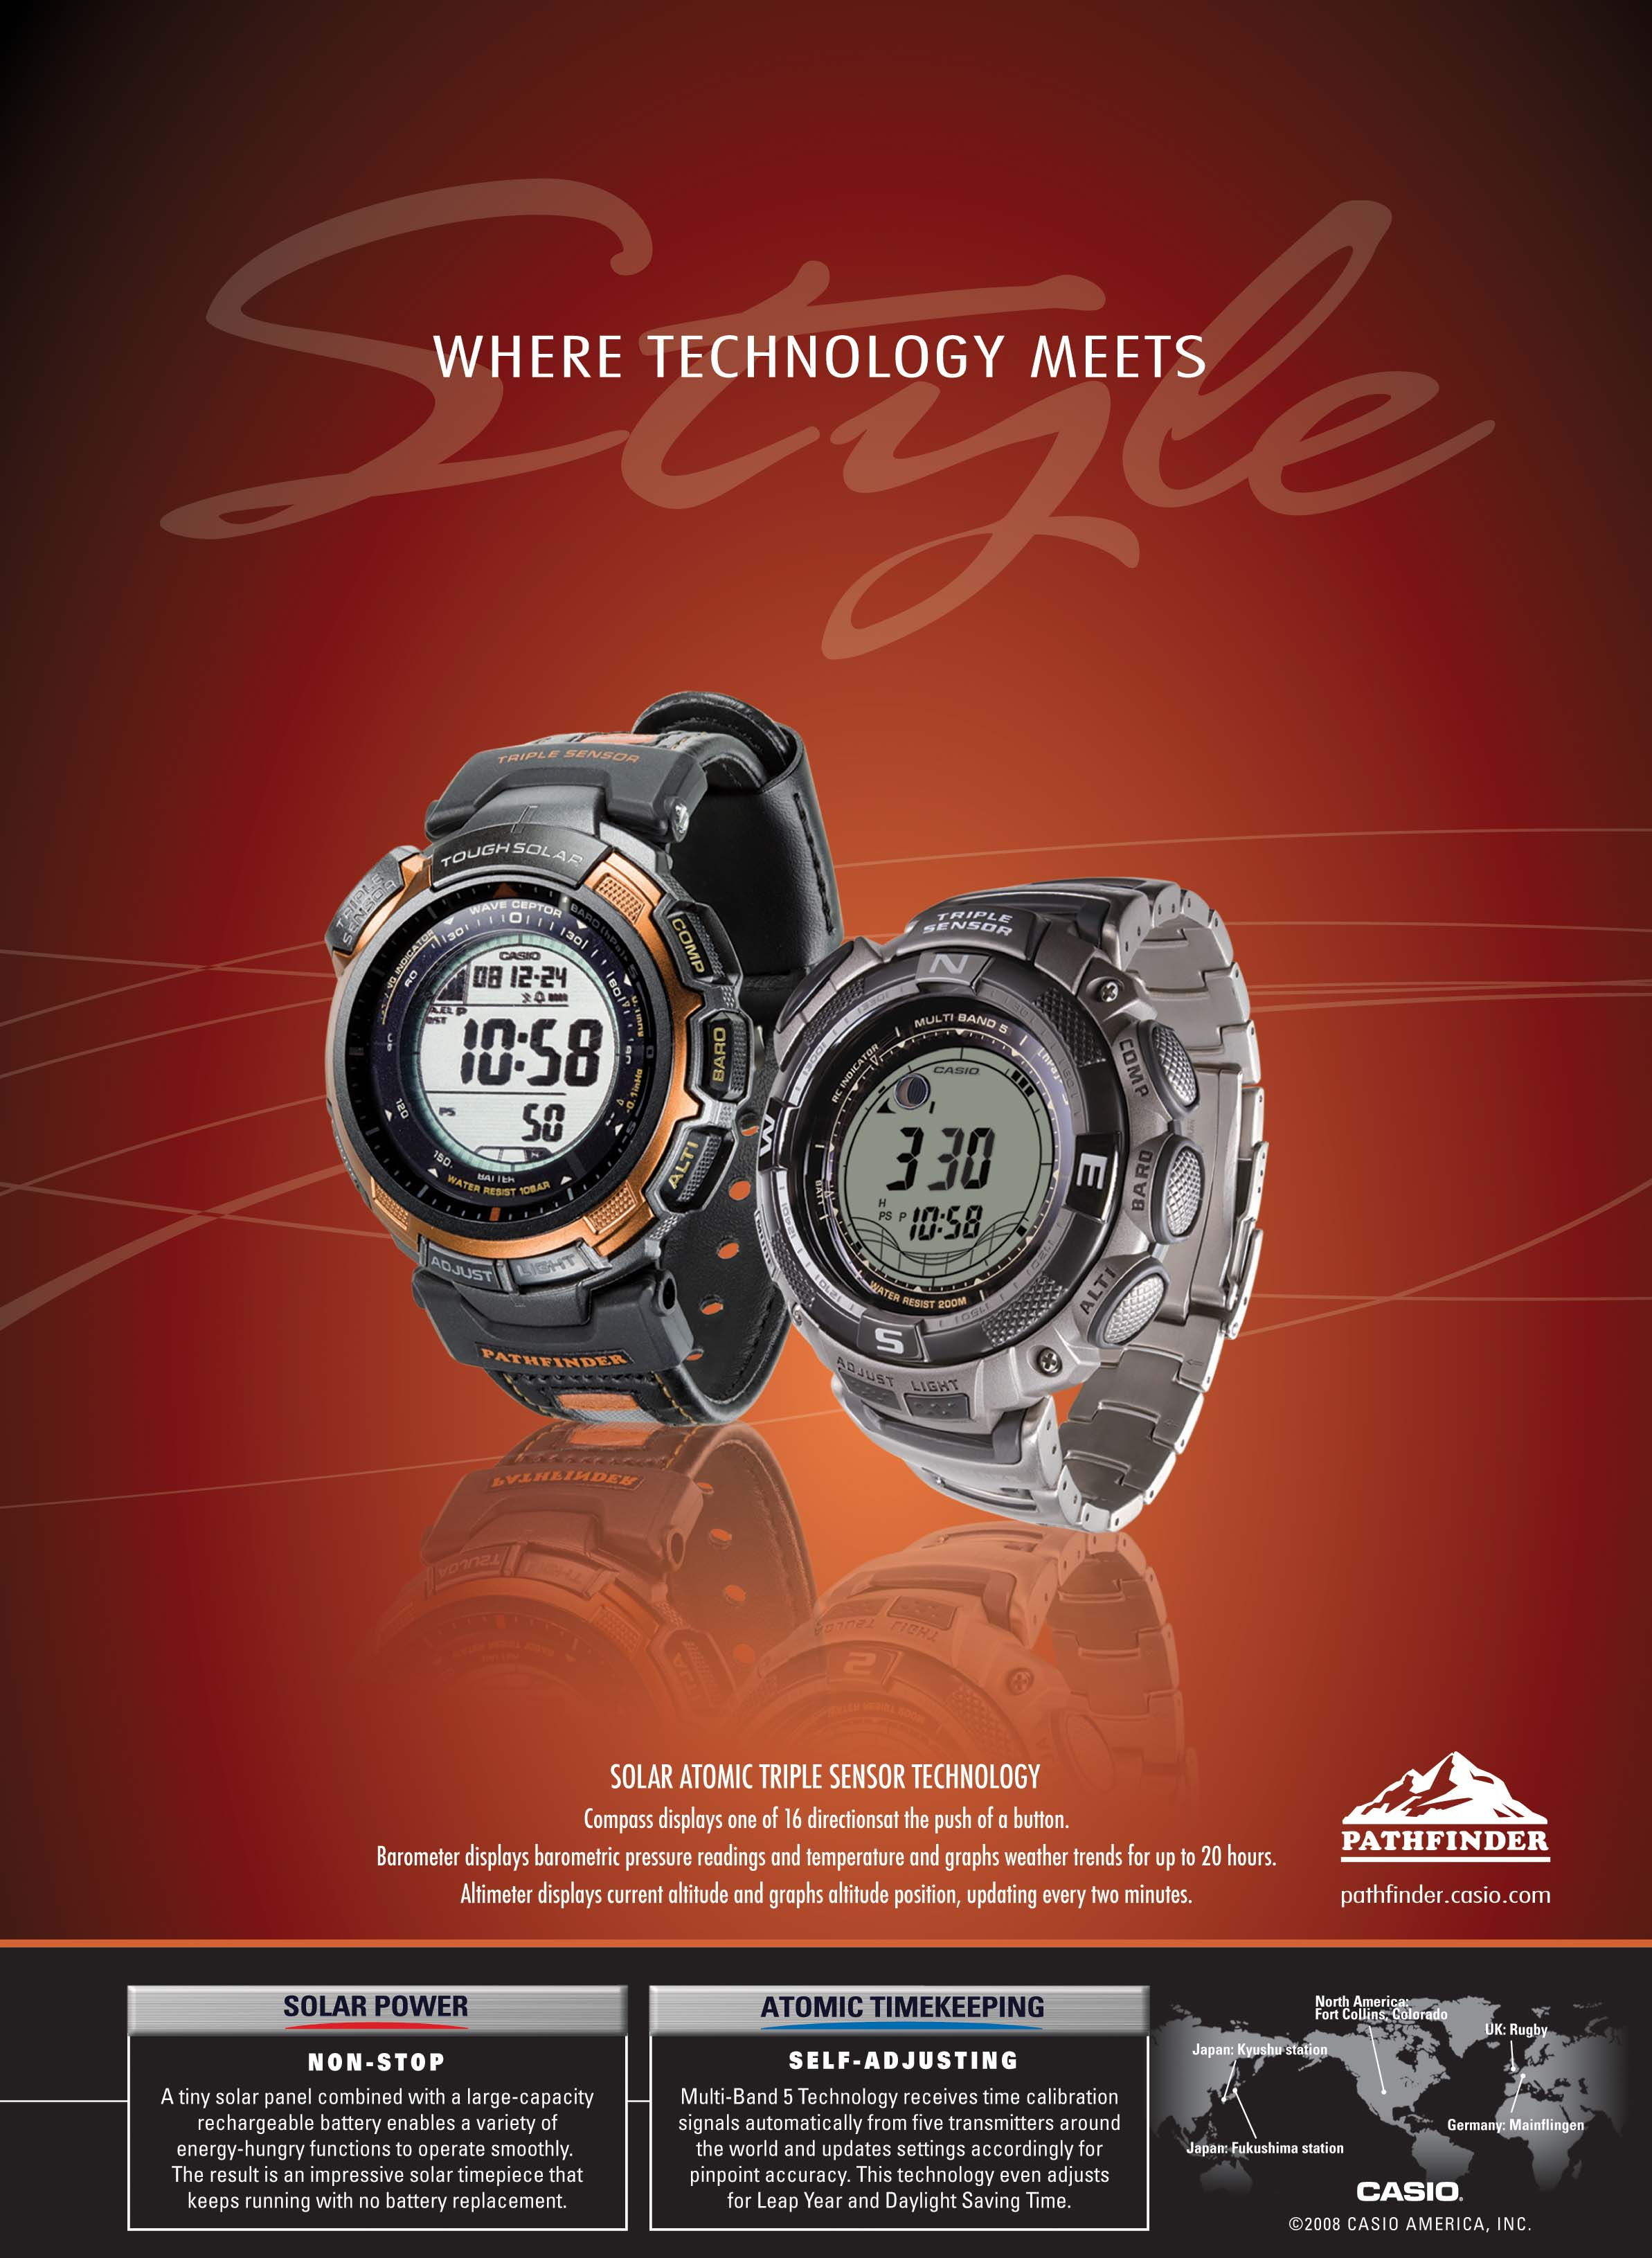 pathfinder watches casio  outisde magazine ad  by gabriel